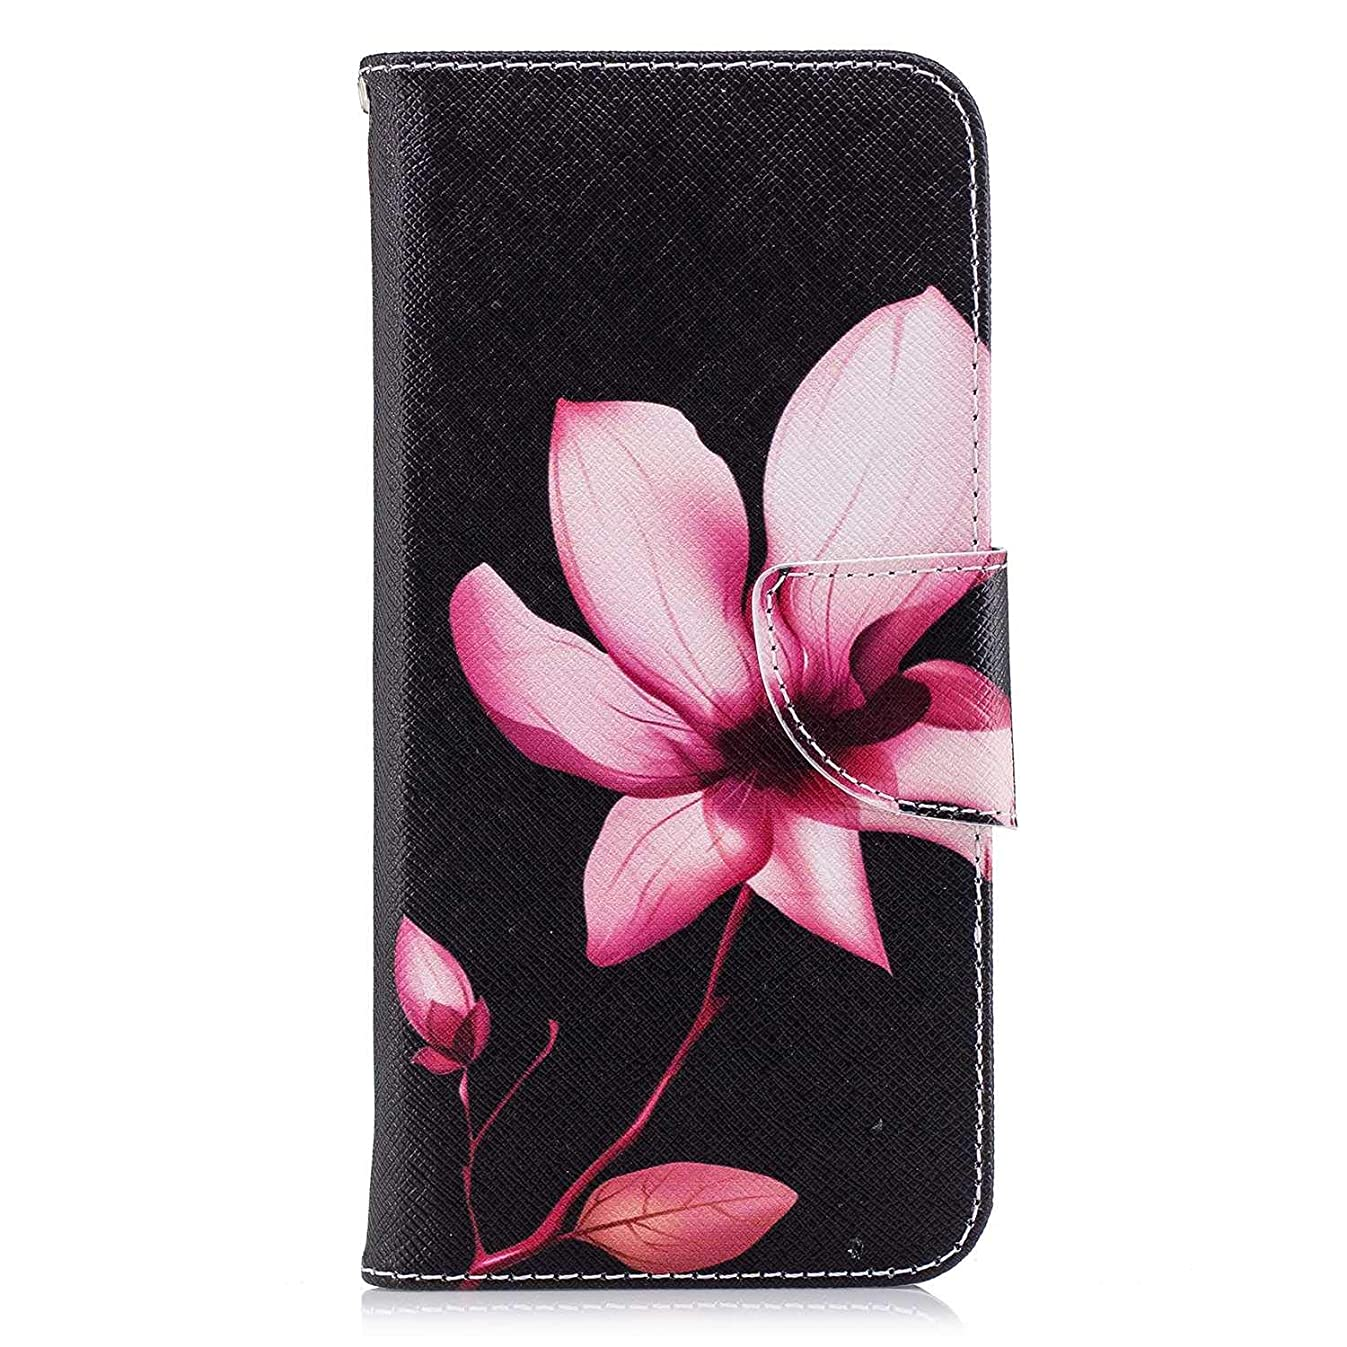 ライフル可動気を散らすOMATENTI Huawei P Smart ケース, ファッション人気 PUレザー 手帳 軽量 電話ケース 耐衝撃性 落下防止 薄型 スマホケースザー 付きスタンド機能, マグネット開閉式 そしてカード収納 Huawei P Smart 用 Case Cover, 花